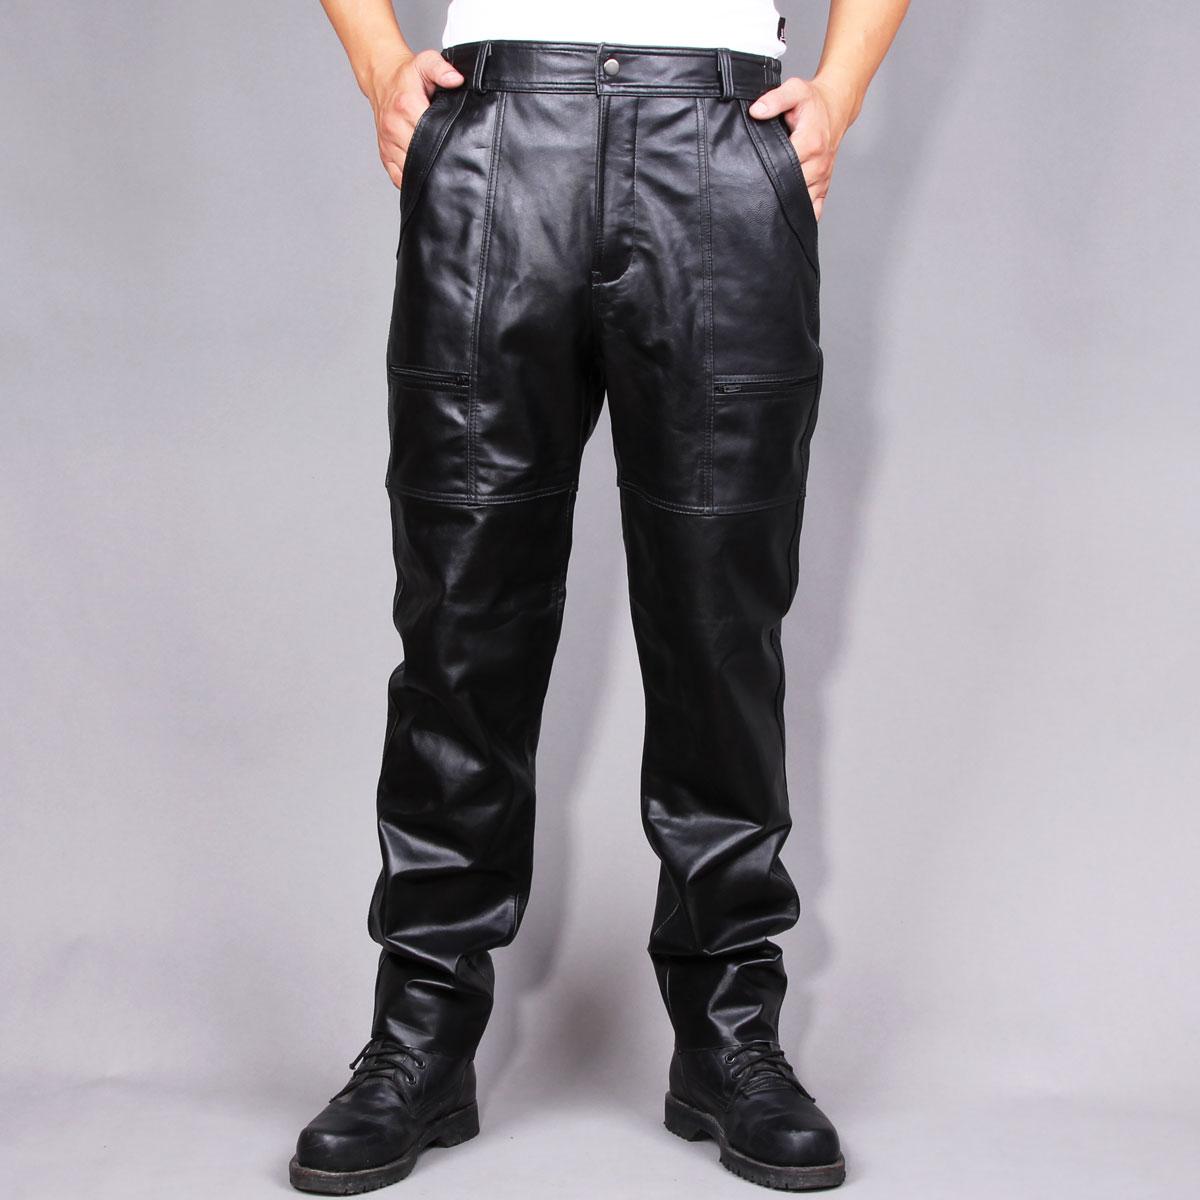 Кожаные мужские штаны